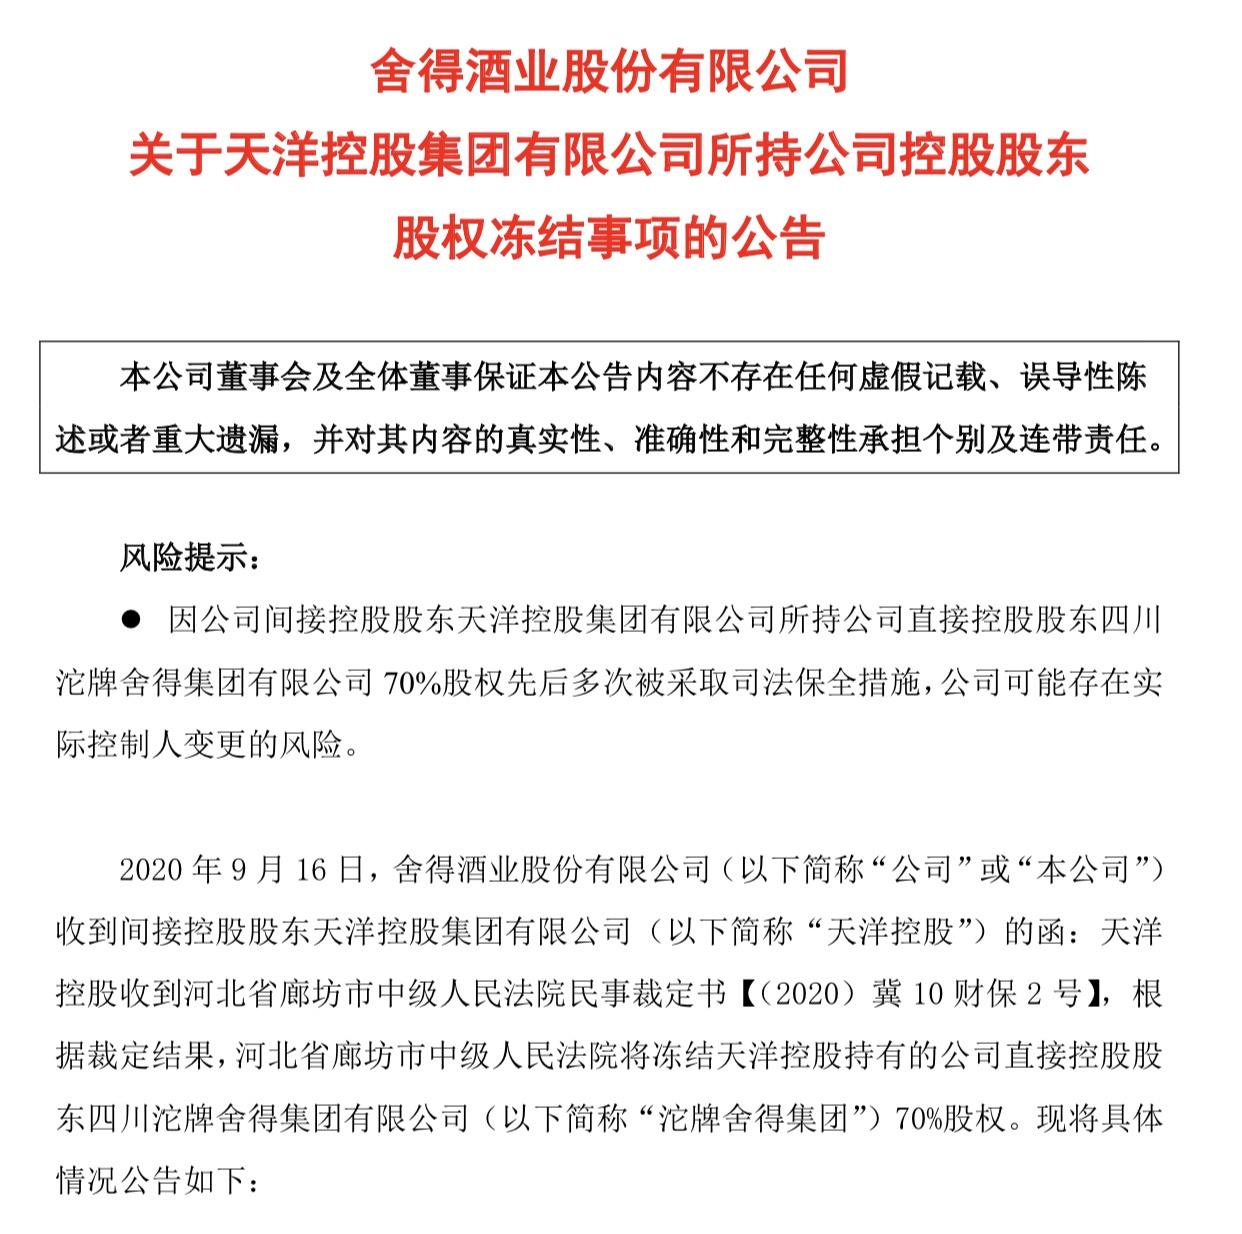 """间接控股股东股权遭冻结,舍得酒业回应""""对经营无影响""""图片"""